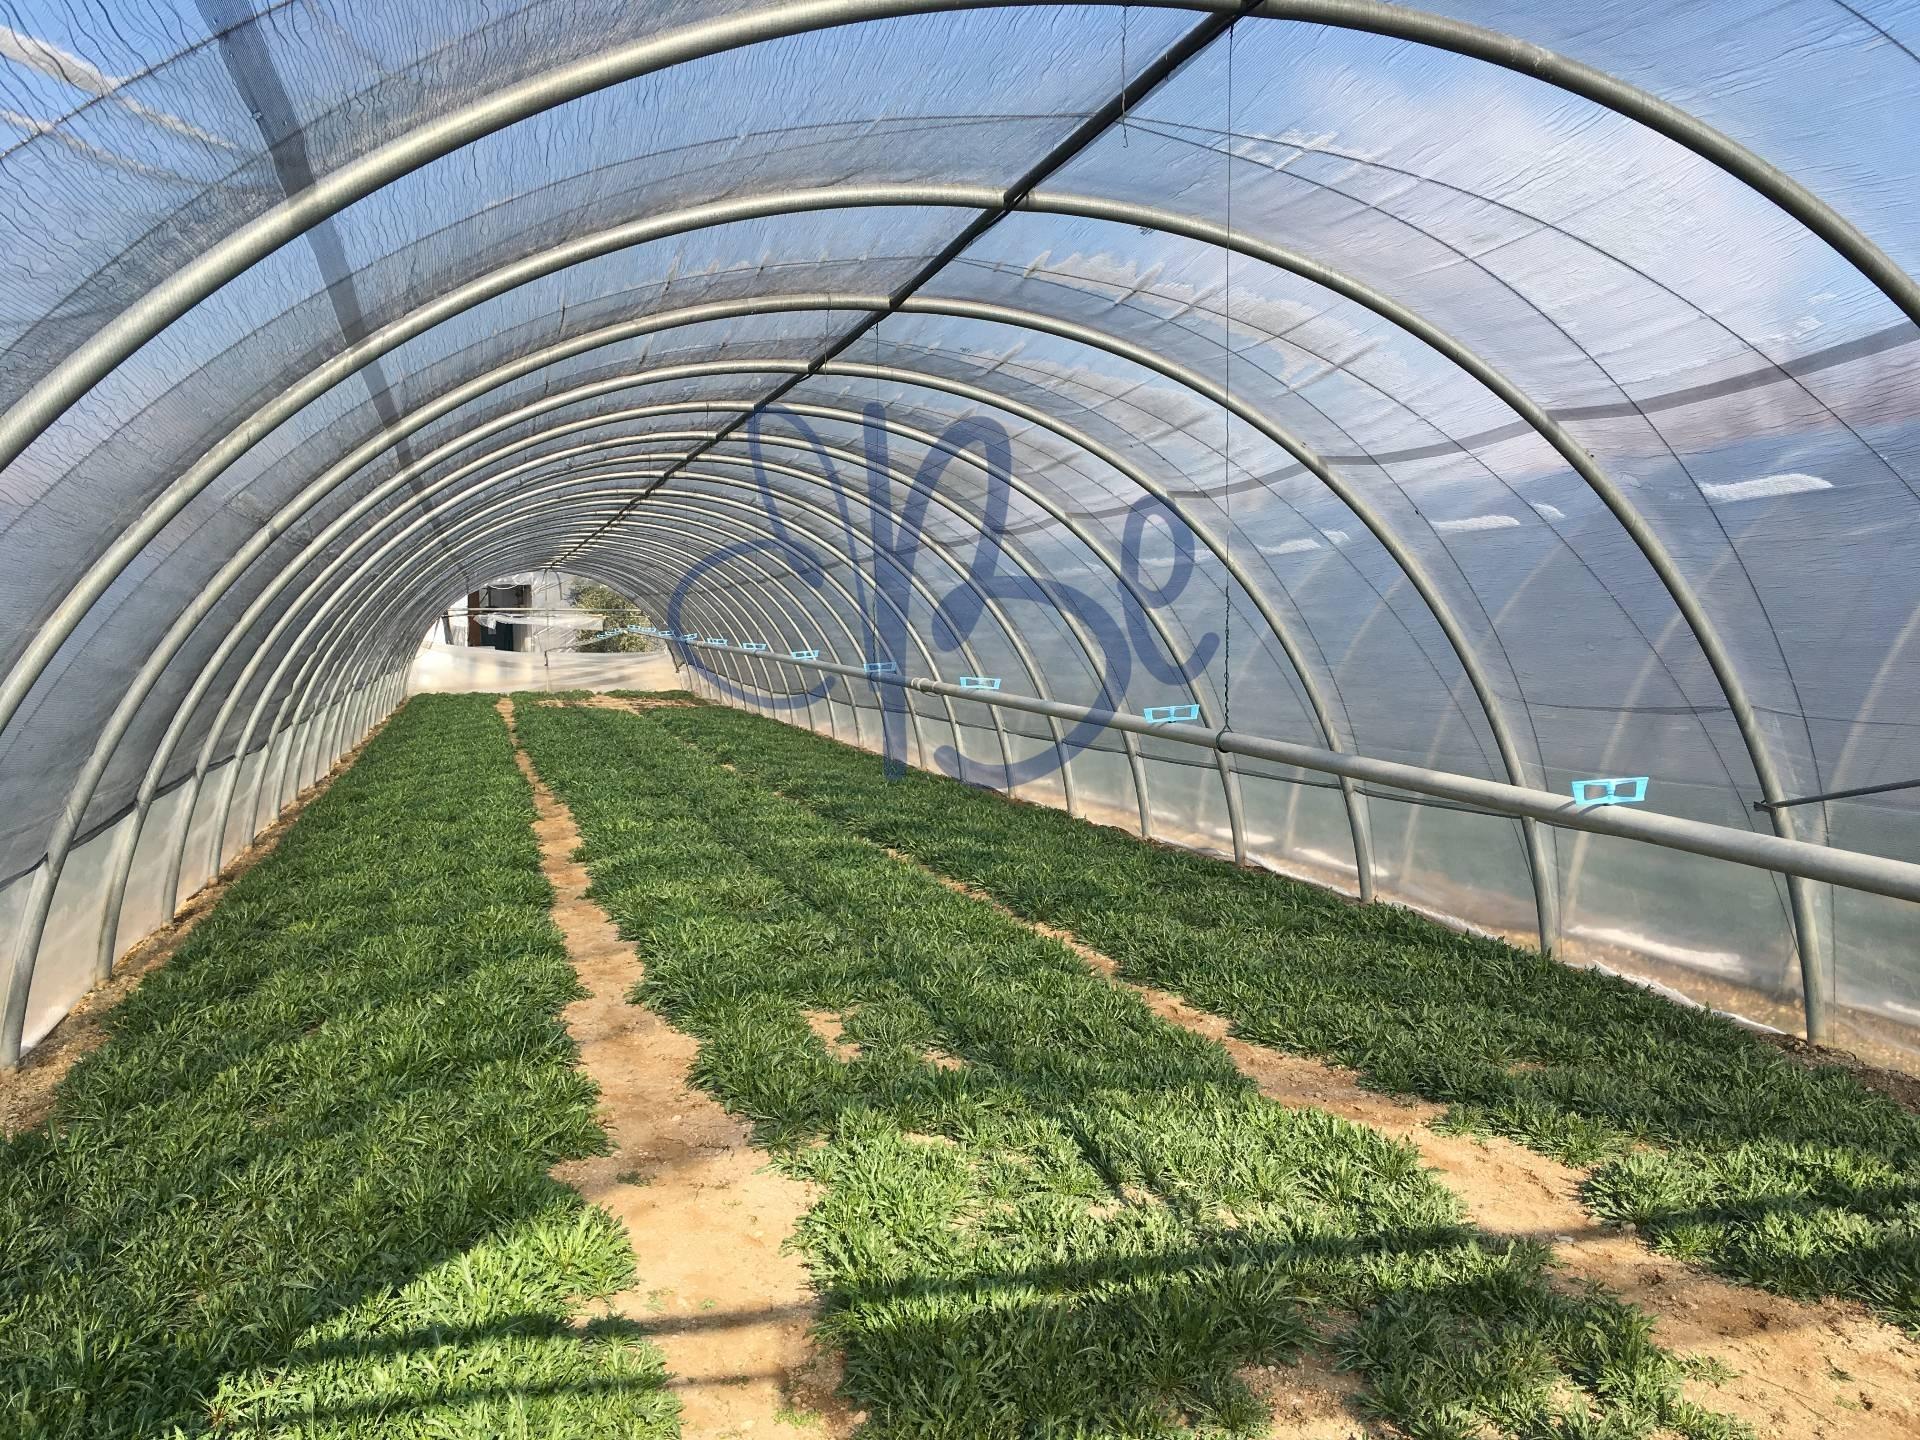 Terreno Agricolo in vendita a Puegnago sul Garda, 9999 locali, zona Zona: Raffa, prezzo € 250.000 | CambioCasa.it